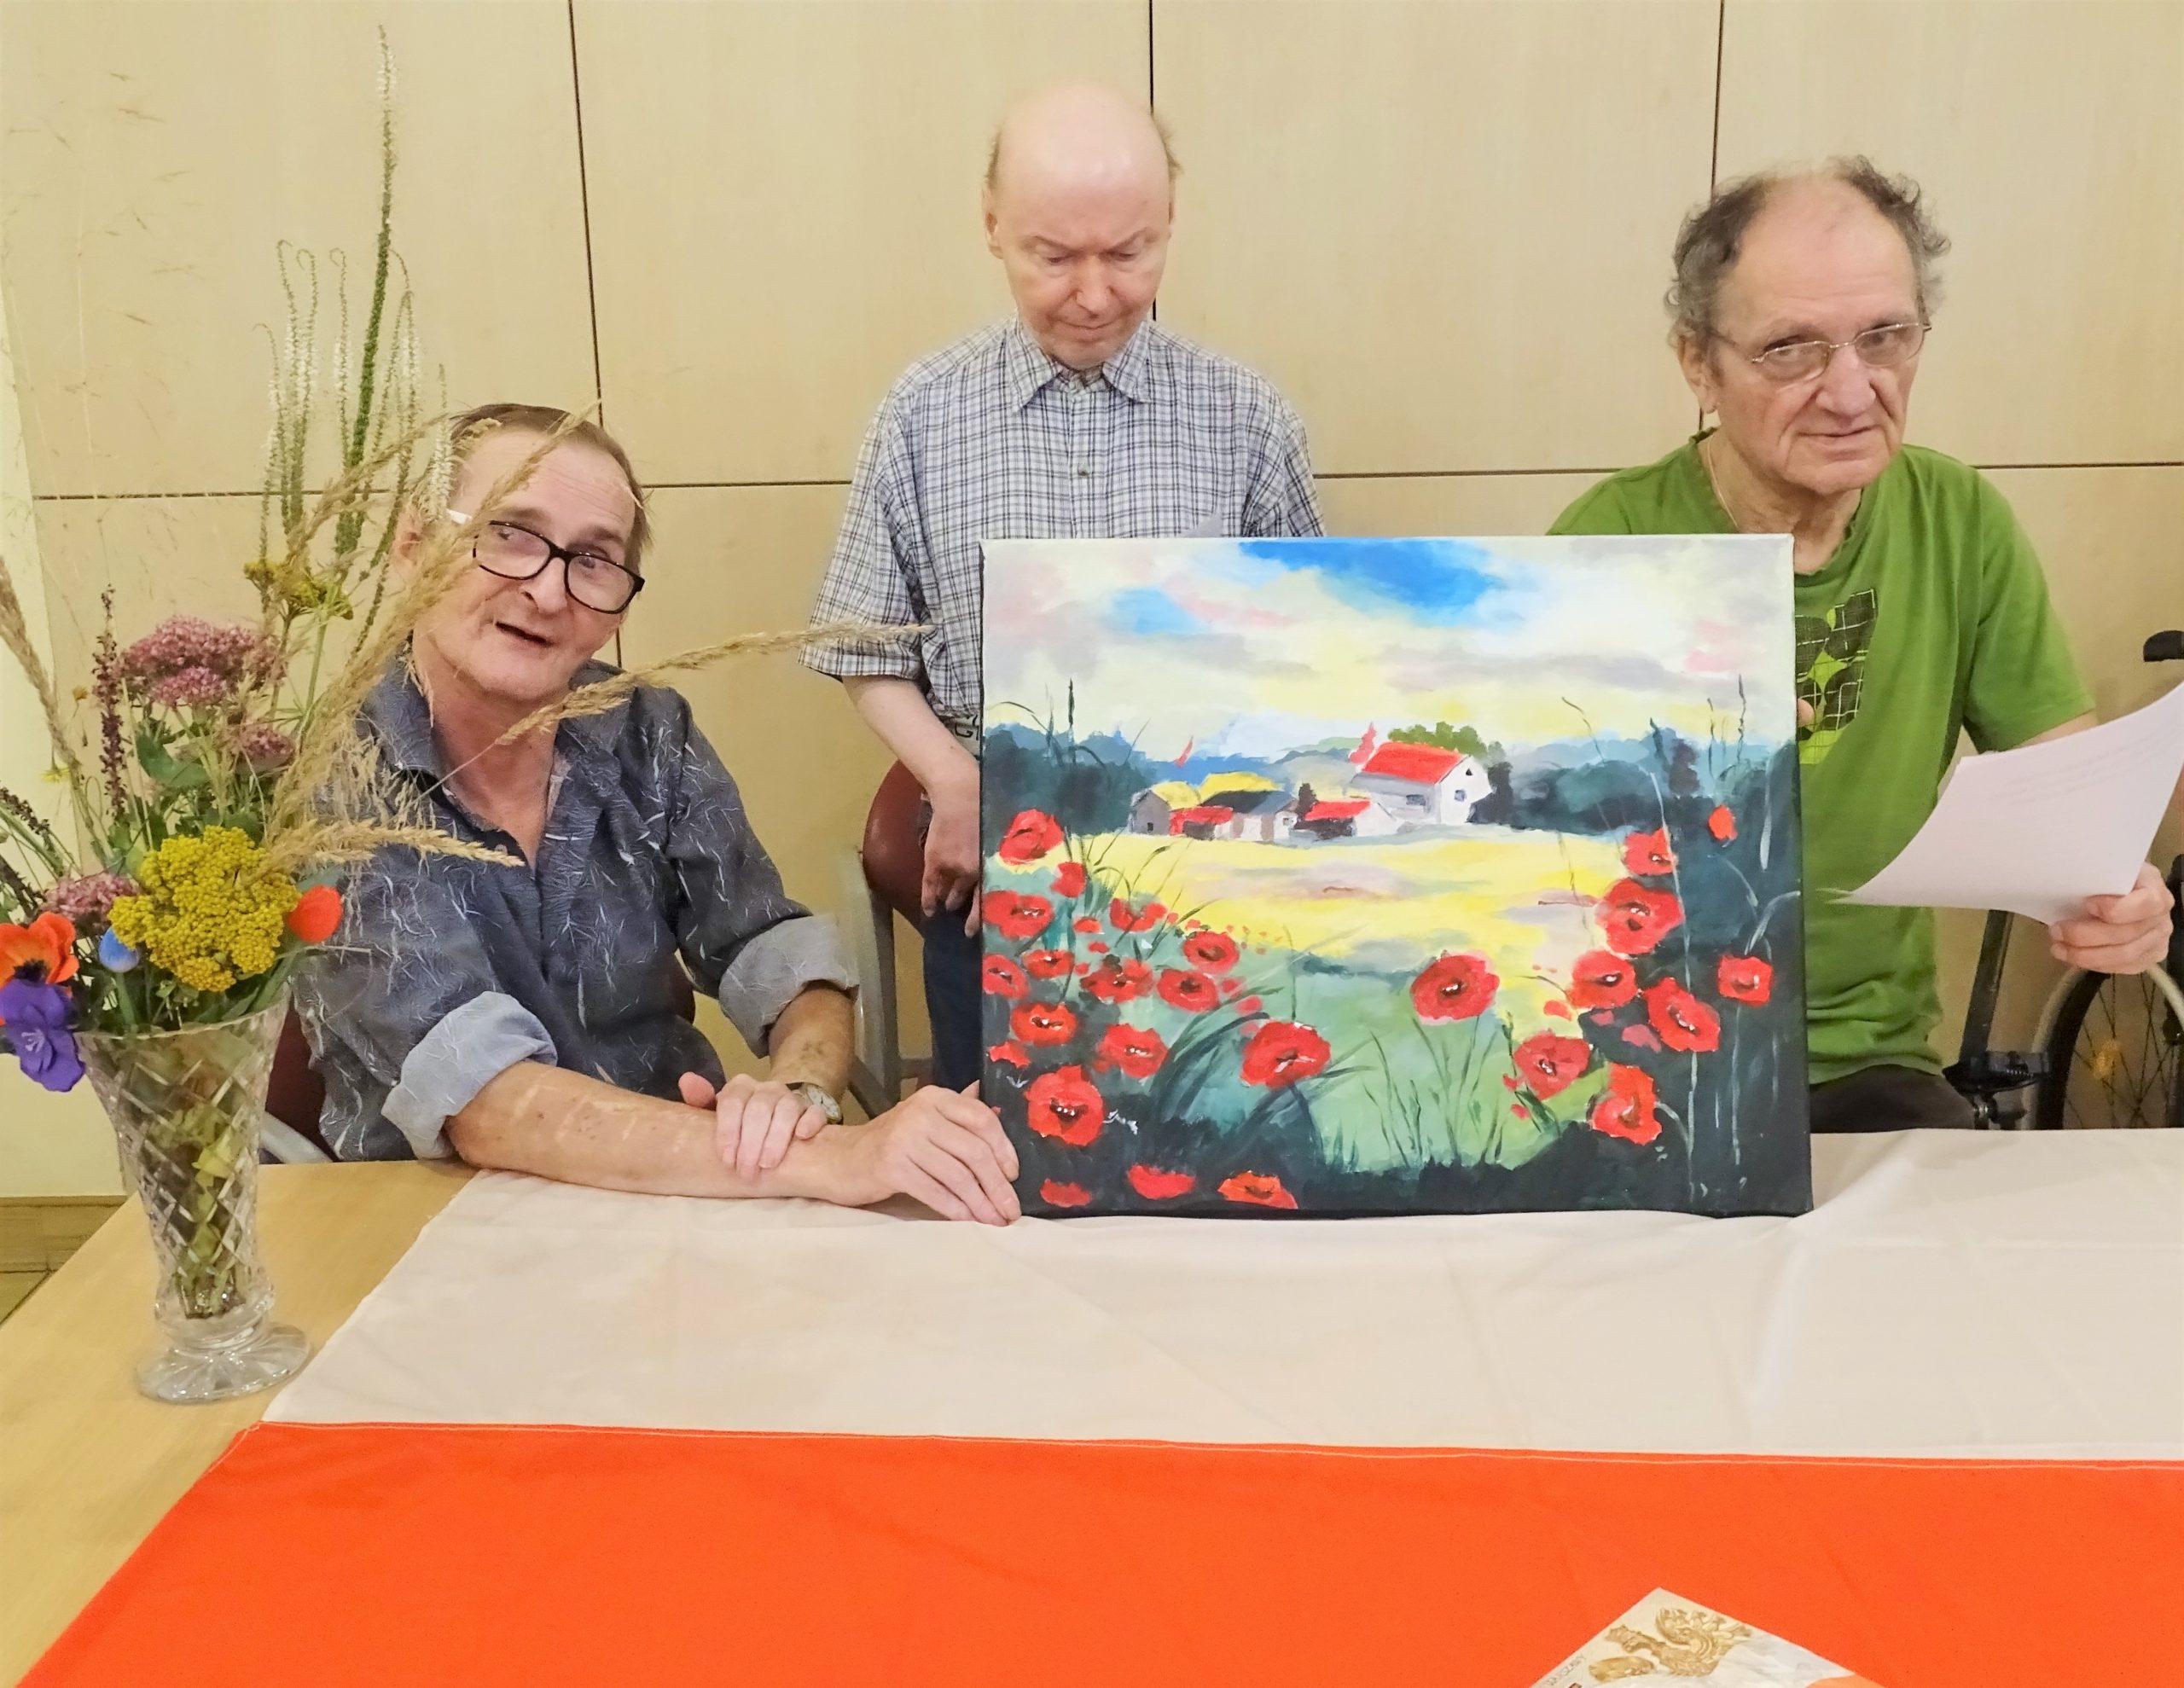 Trzech mężczyzn pozujących z obrazem, w tle dzbanek z bukietem kwiatów i biało czerwona flaga polski